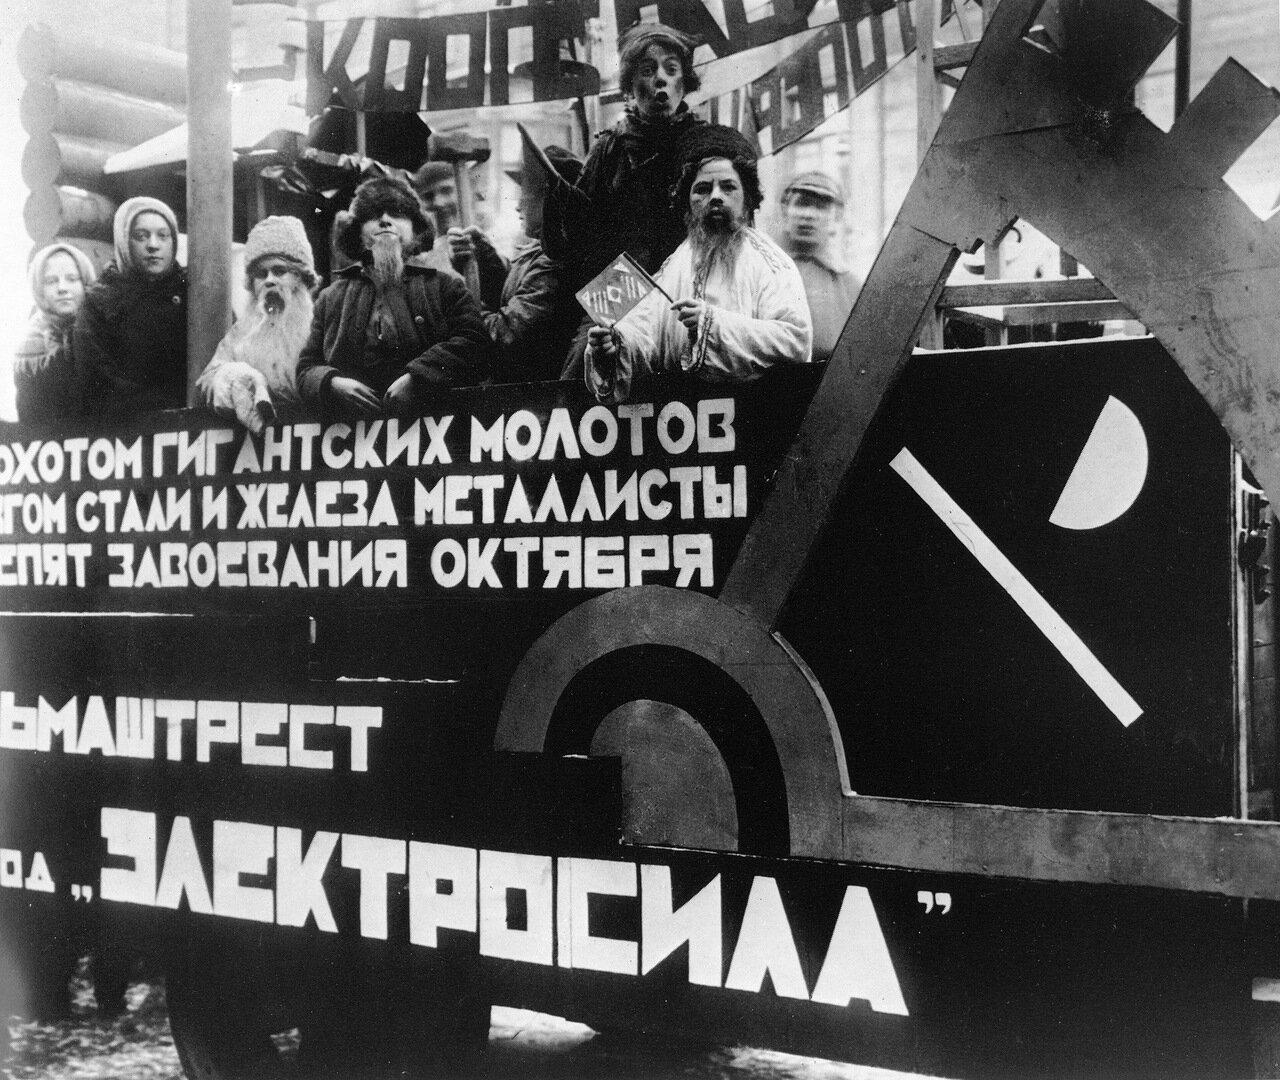 Агитмашина завода Электросила. Демонстрация в день празднования 7 годовщины Октября.Ленинград.1924 год.